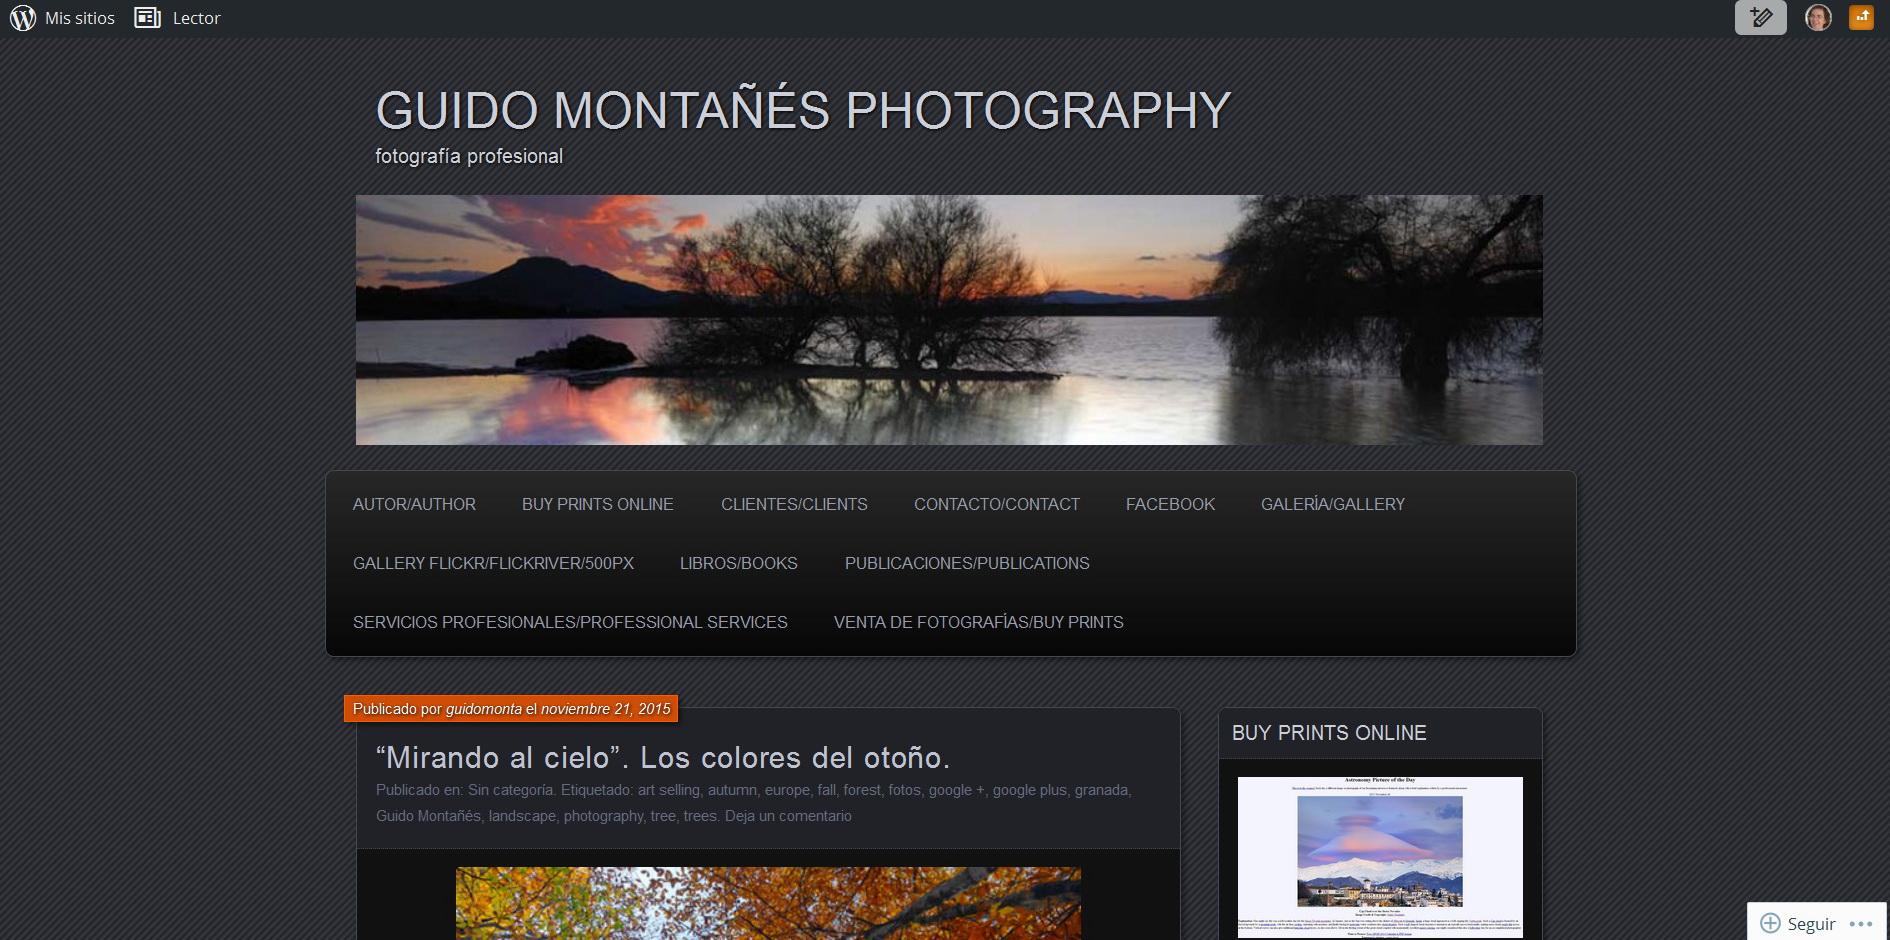 Guido Montañés Photography